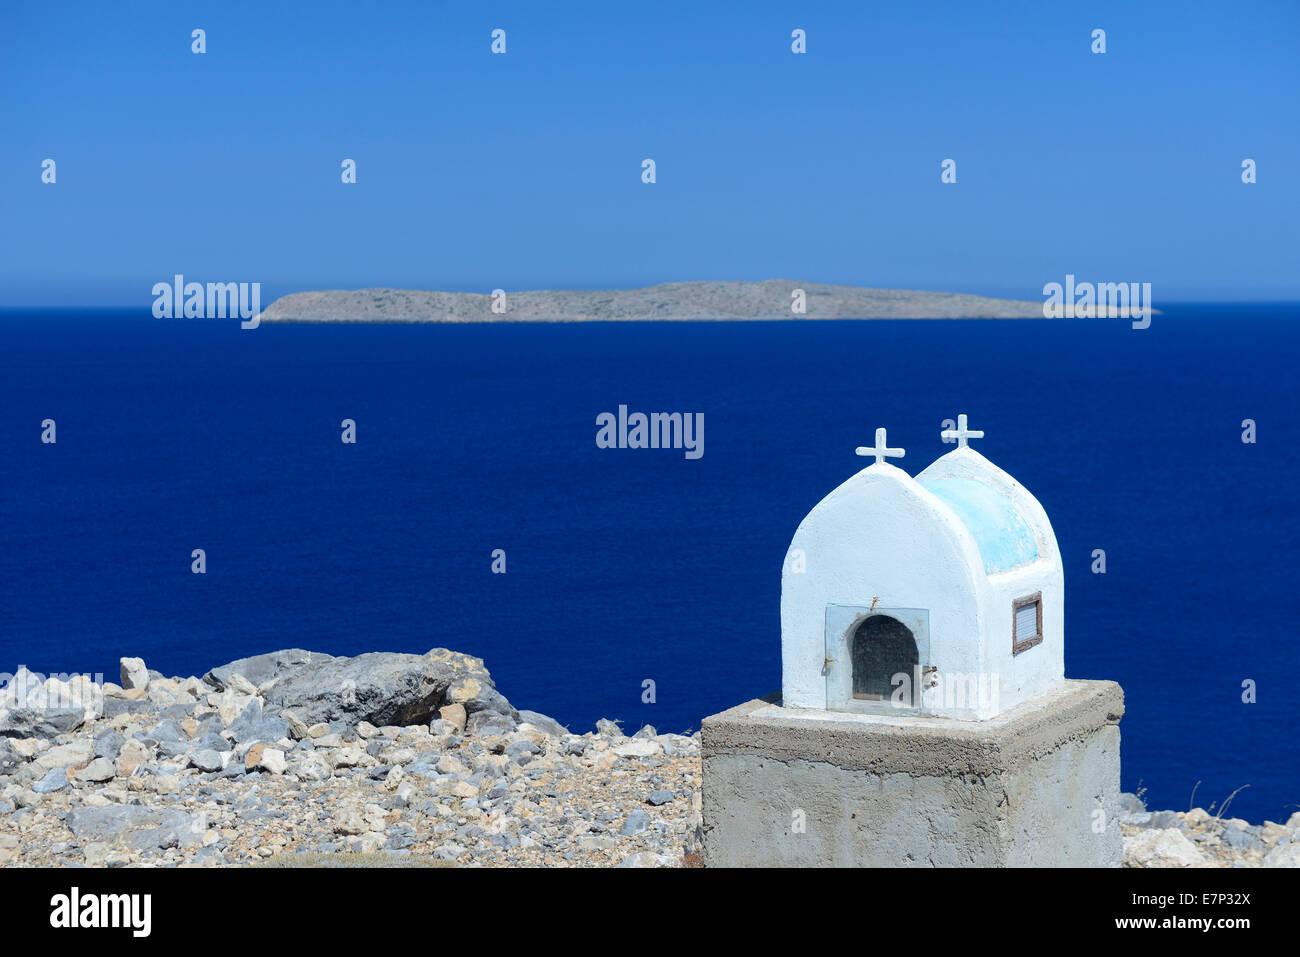 Europa, Griechenland, Griechisch, Kreta, Mittelmeer, Insel, Itanos, Strand, Kirche, Religion, Meer, weißen, Stockbild